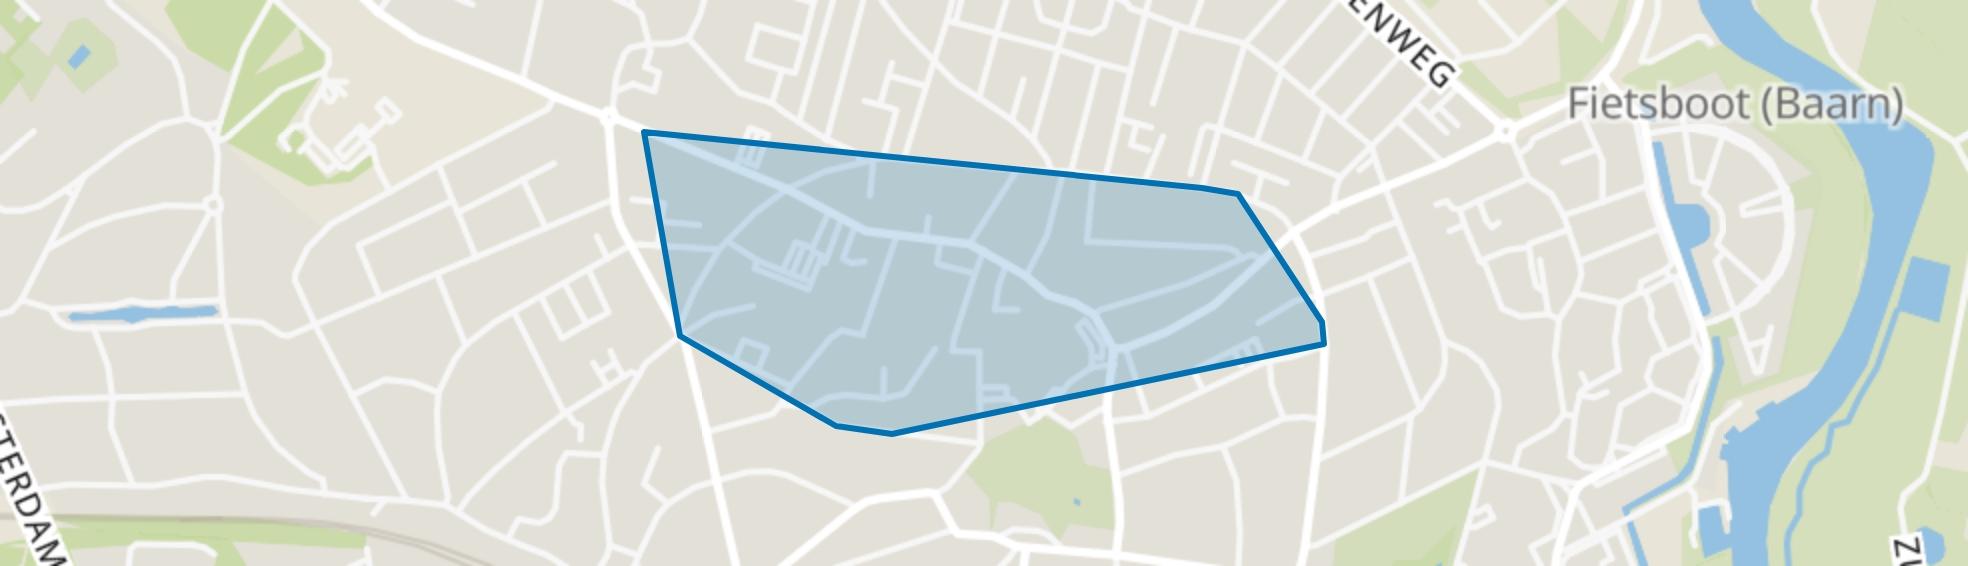 Centrum, Baarn map